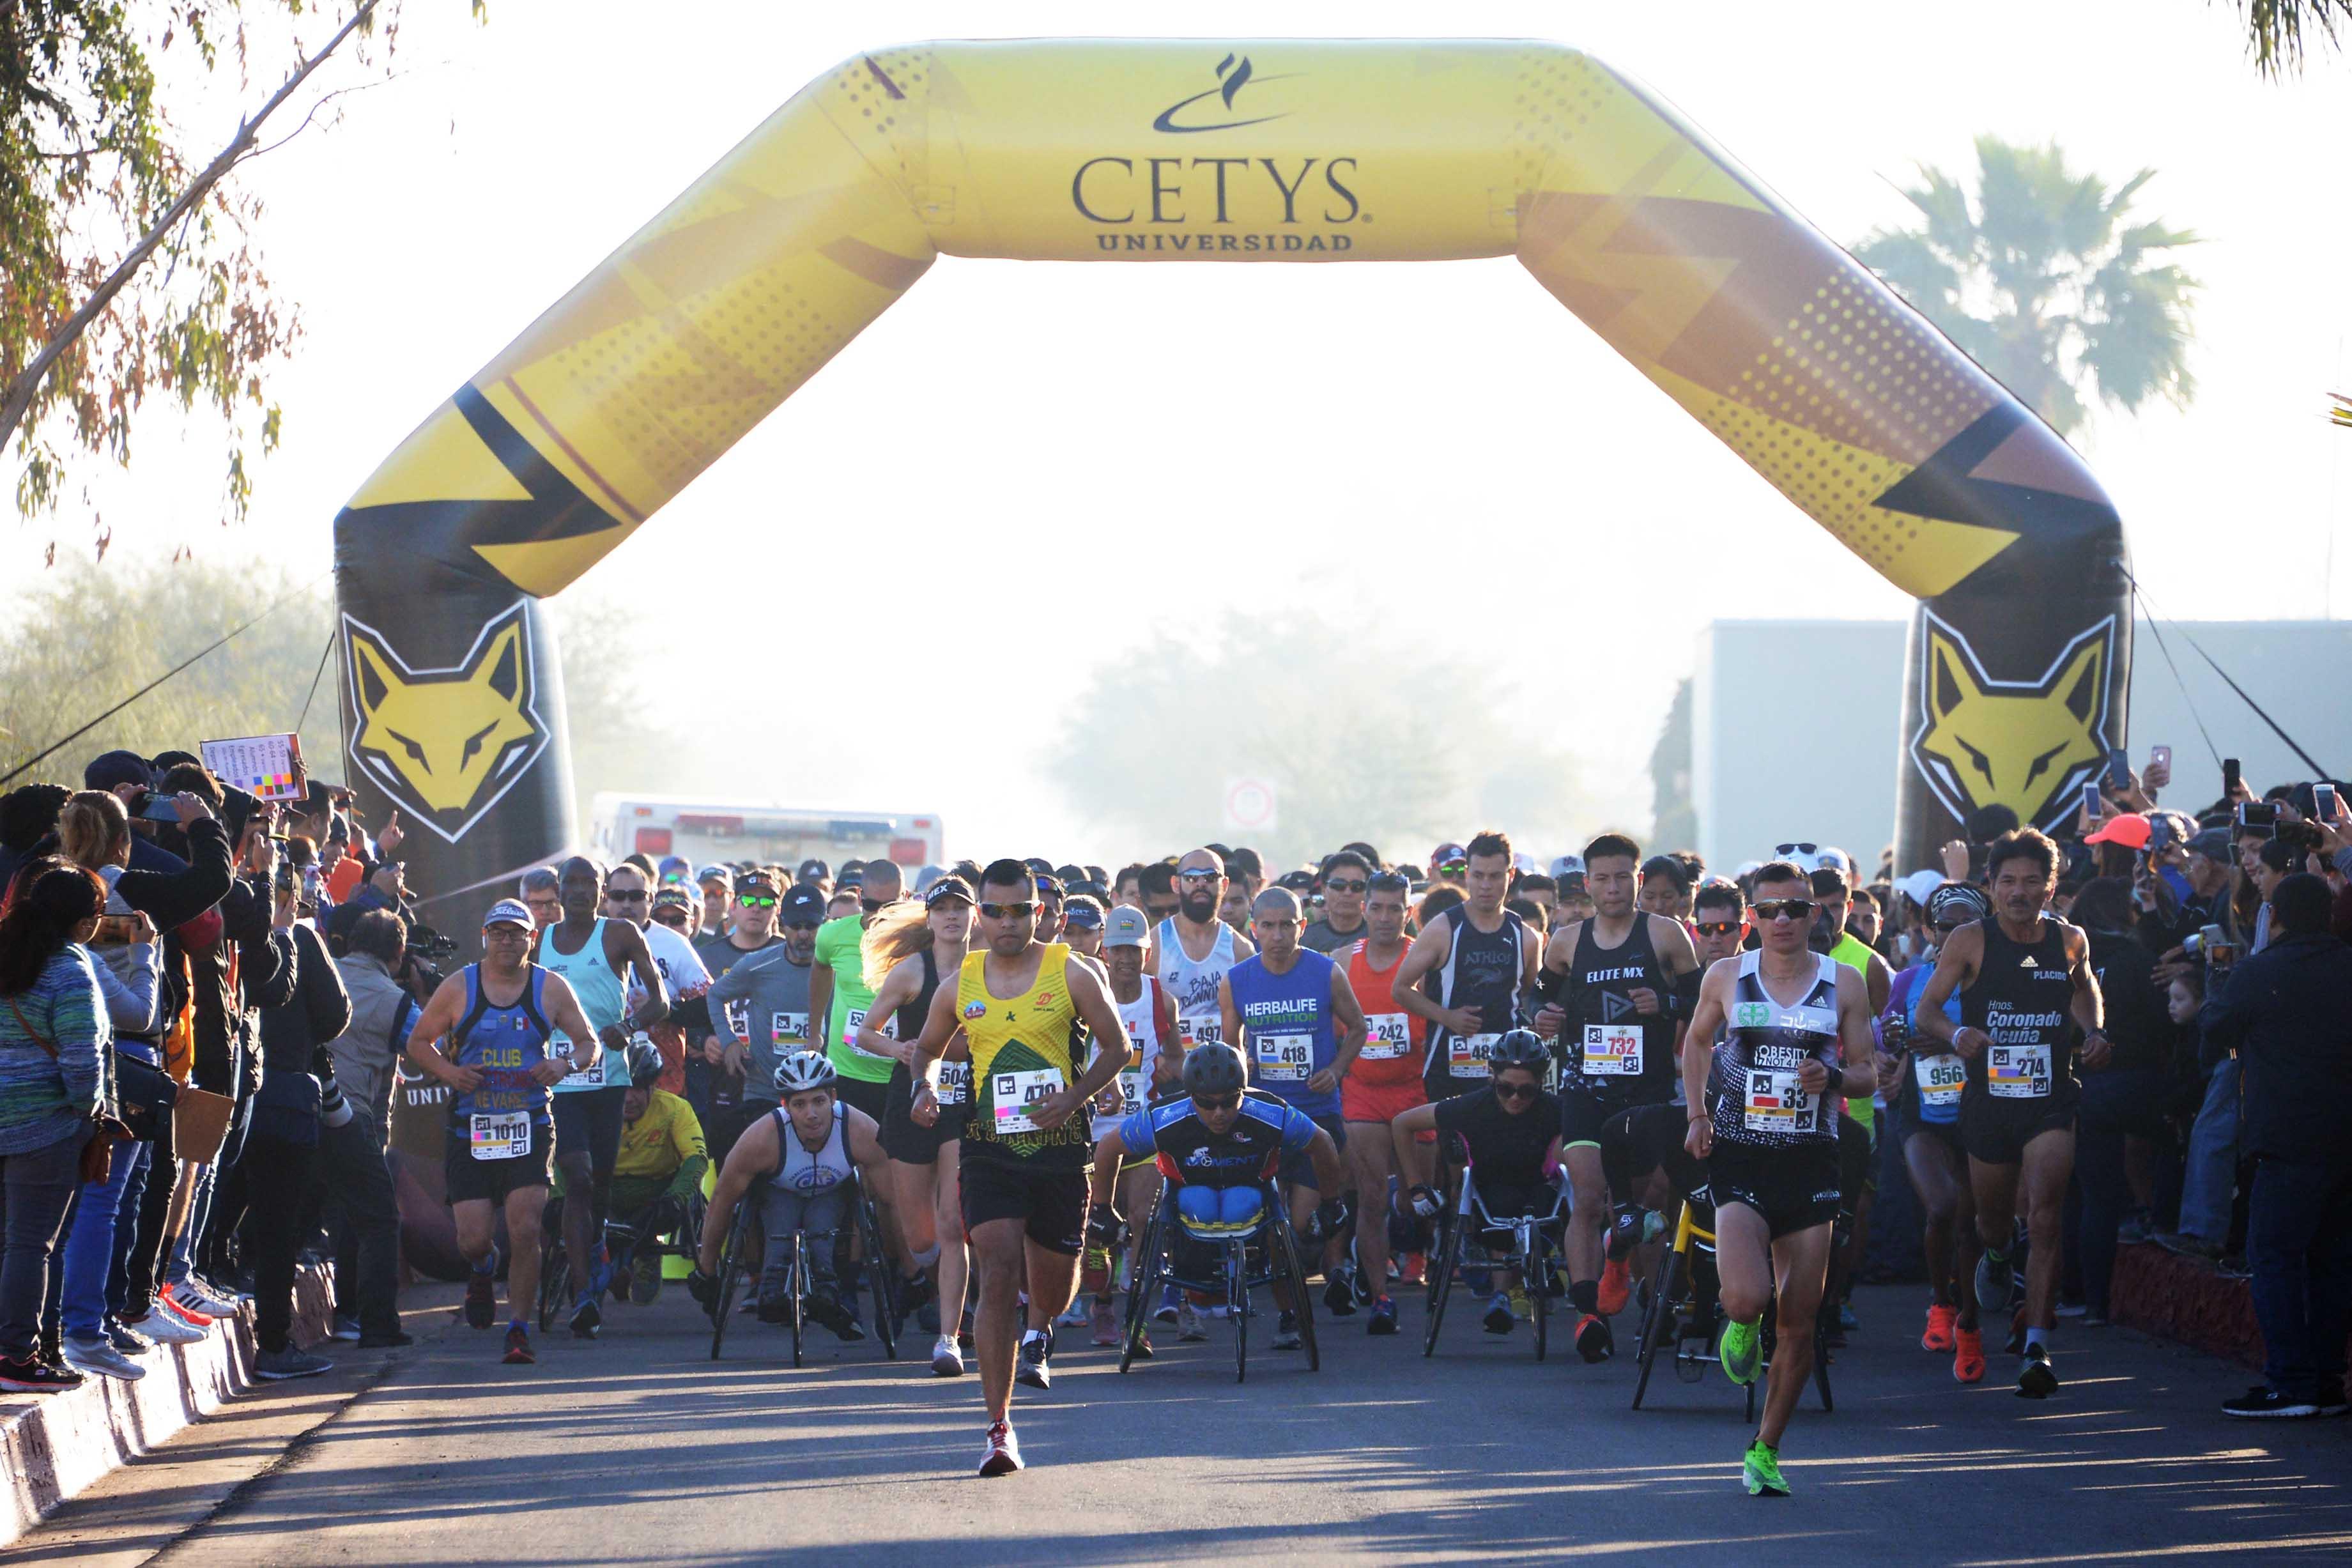 Se realiza exitosamente el Medio Maratón CETYS y Carrera 10K 2020